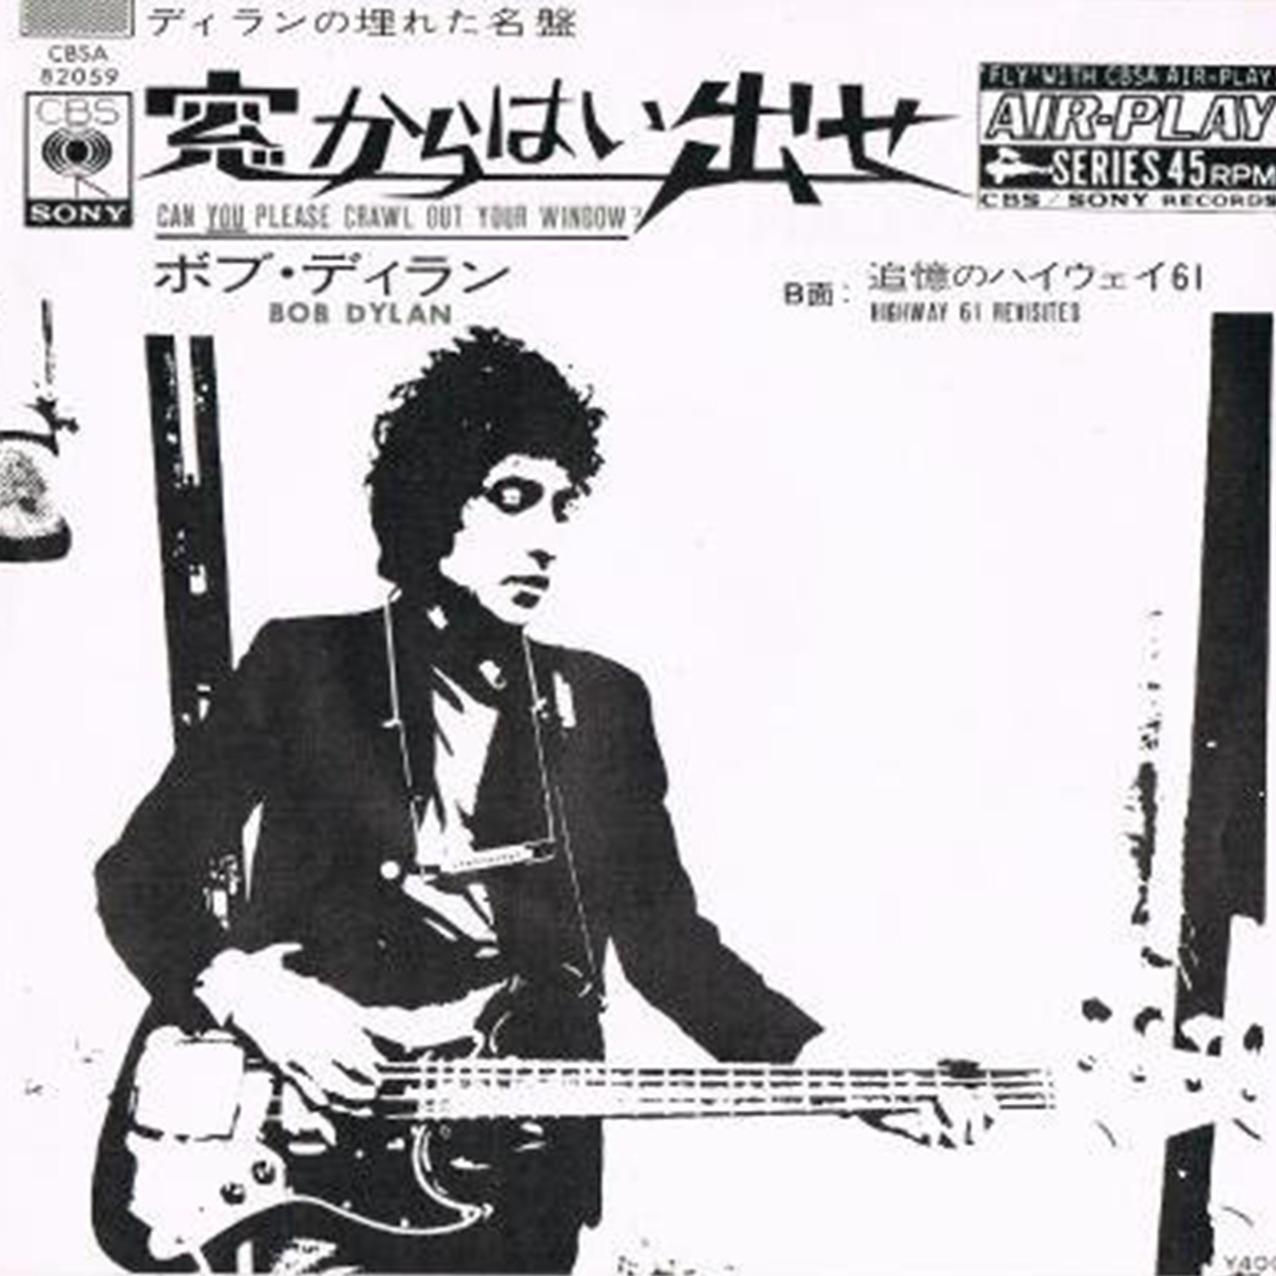 レコード買取専門店「TU-Field」では、ボブ・ディラン『窓からはいだせ/ハイウェイ61』のレコードを高価買取しております